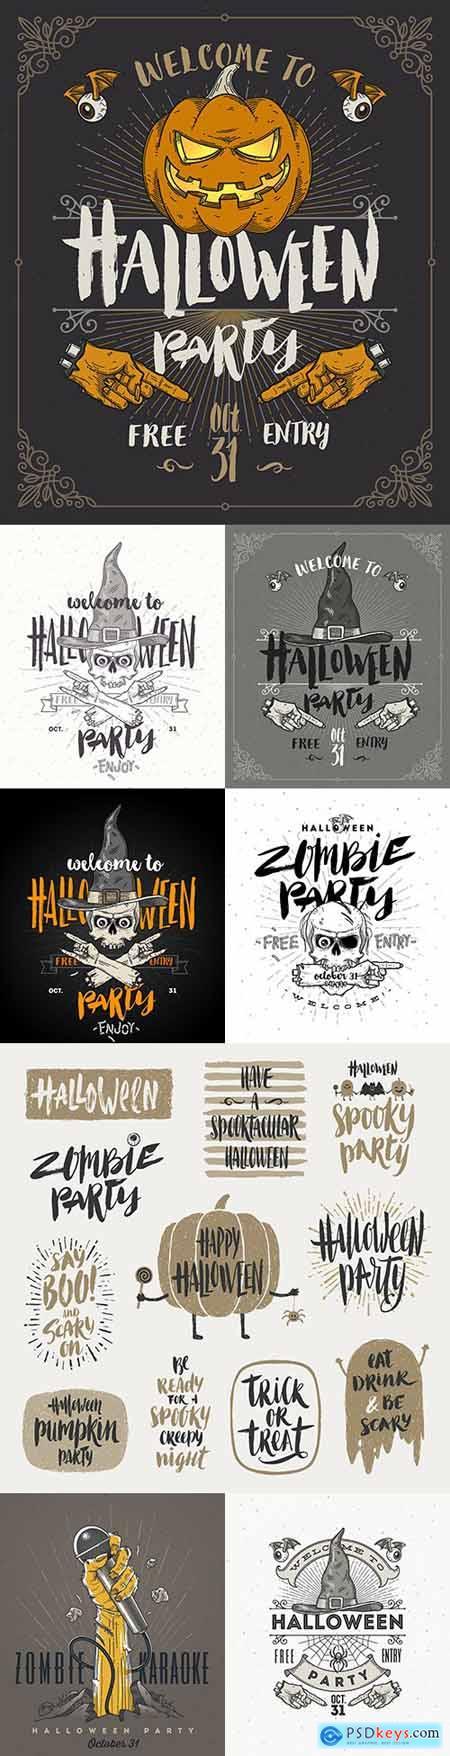 Halloween poster or invitation vintage design illustration